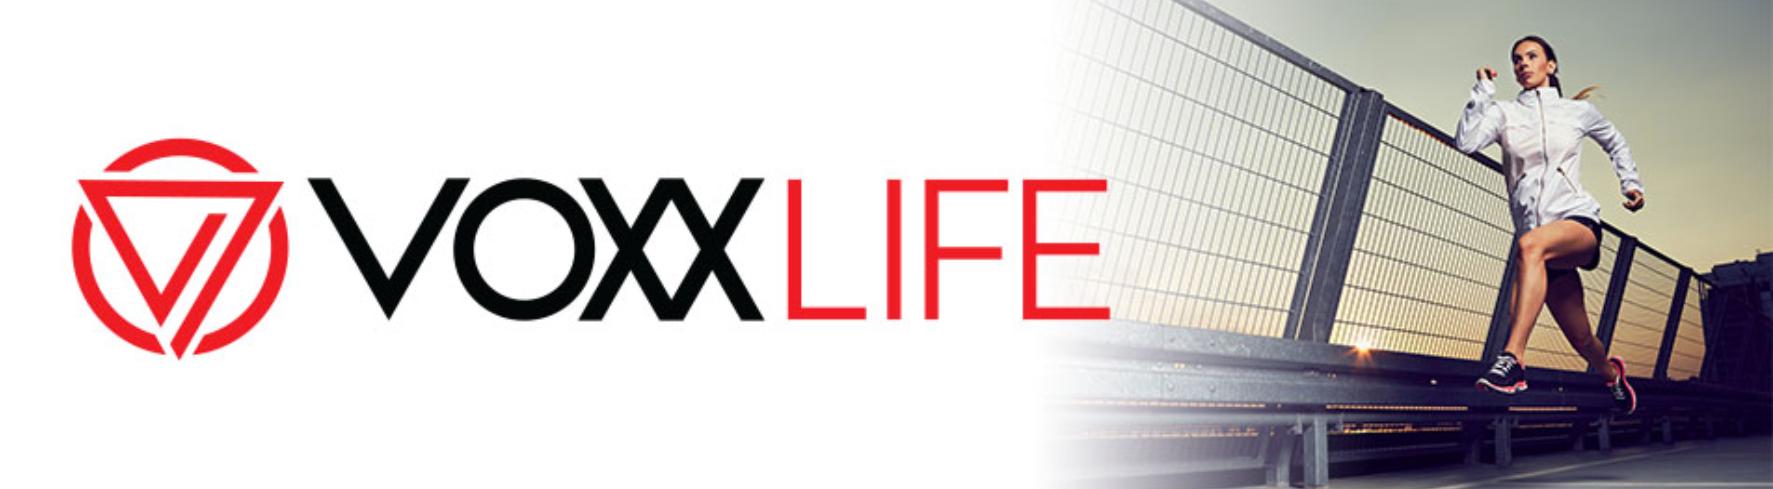 Voxx banner running